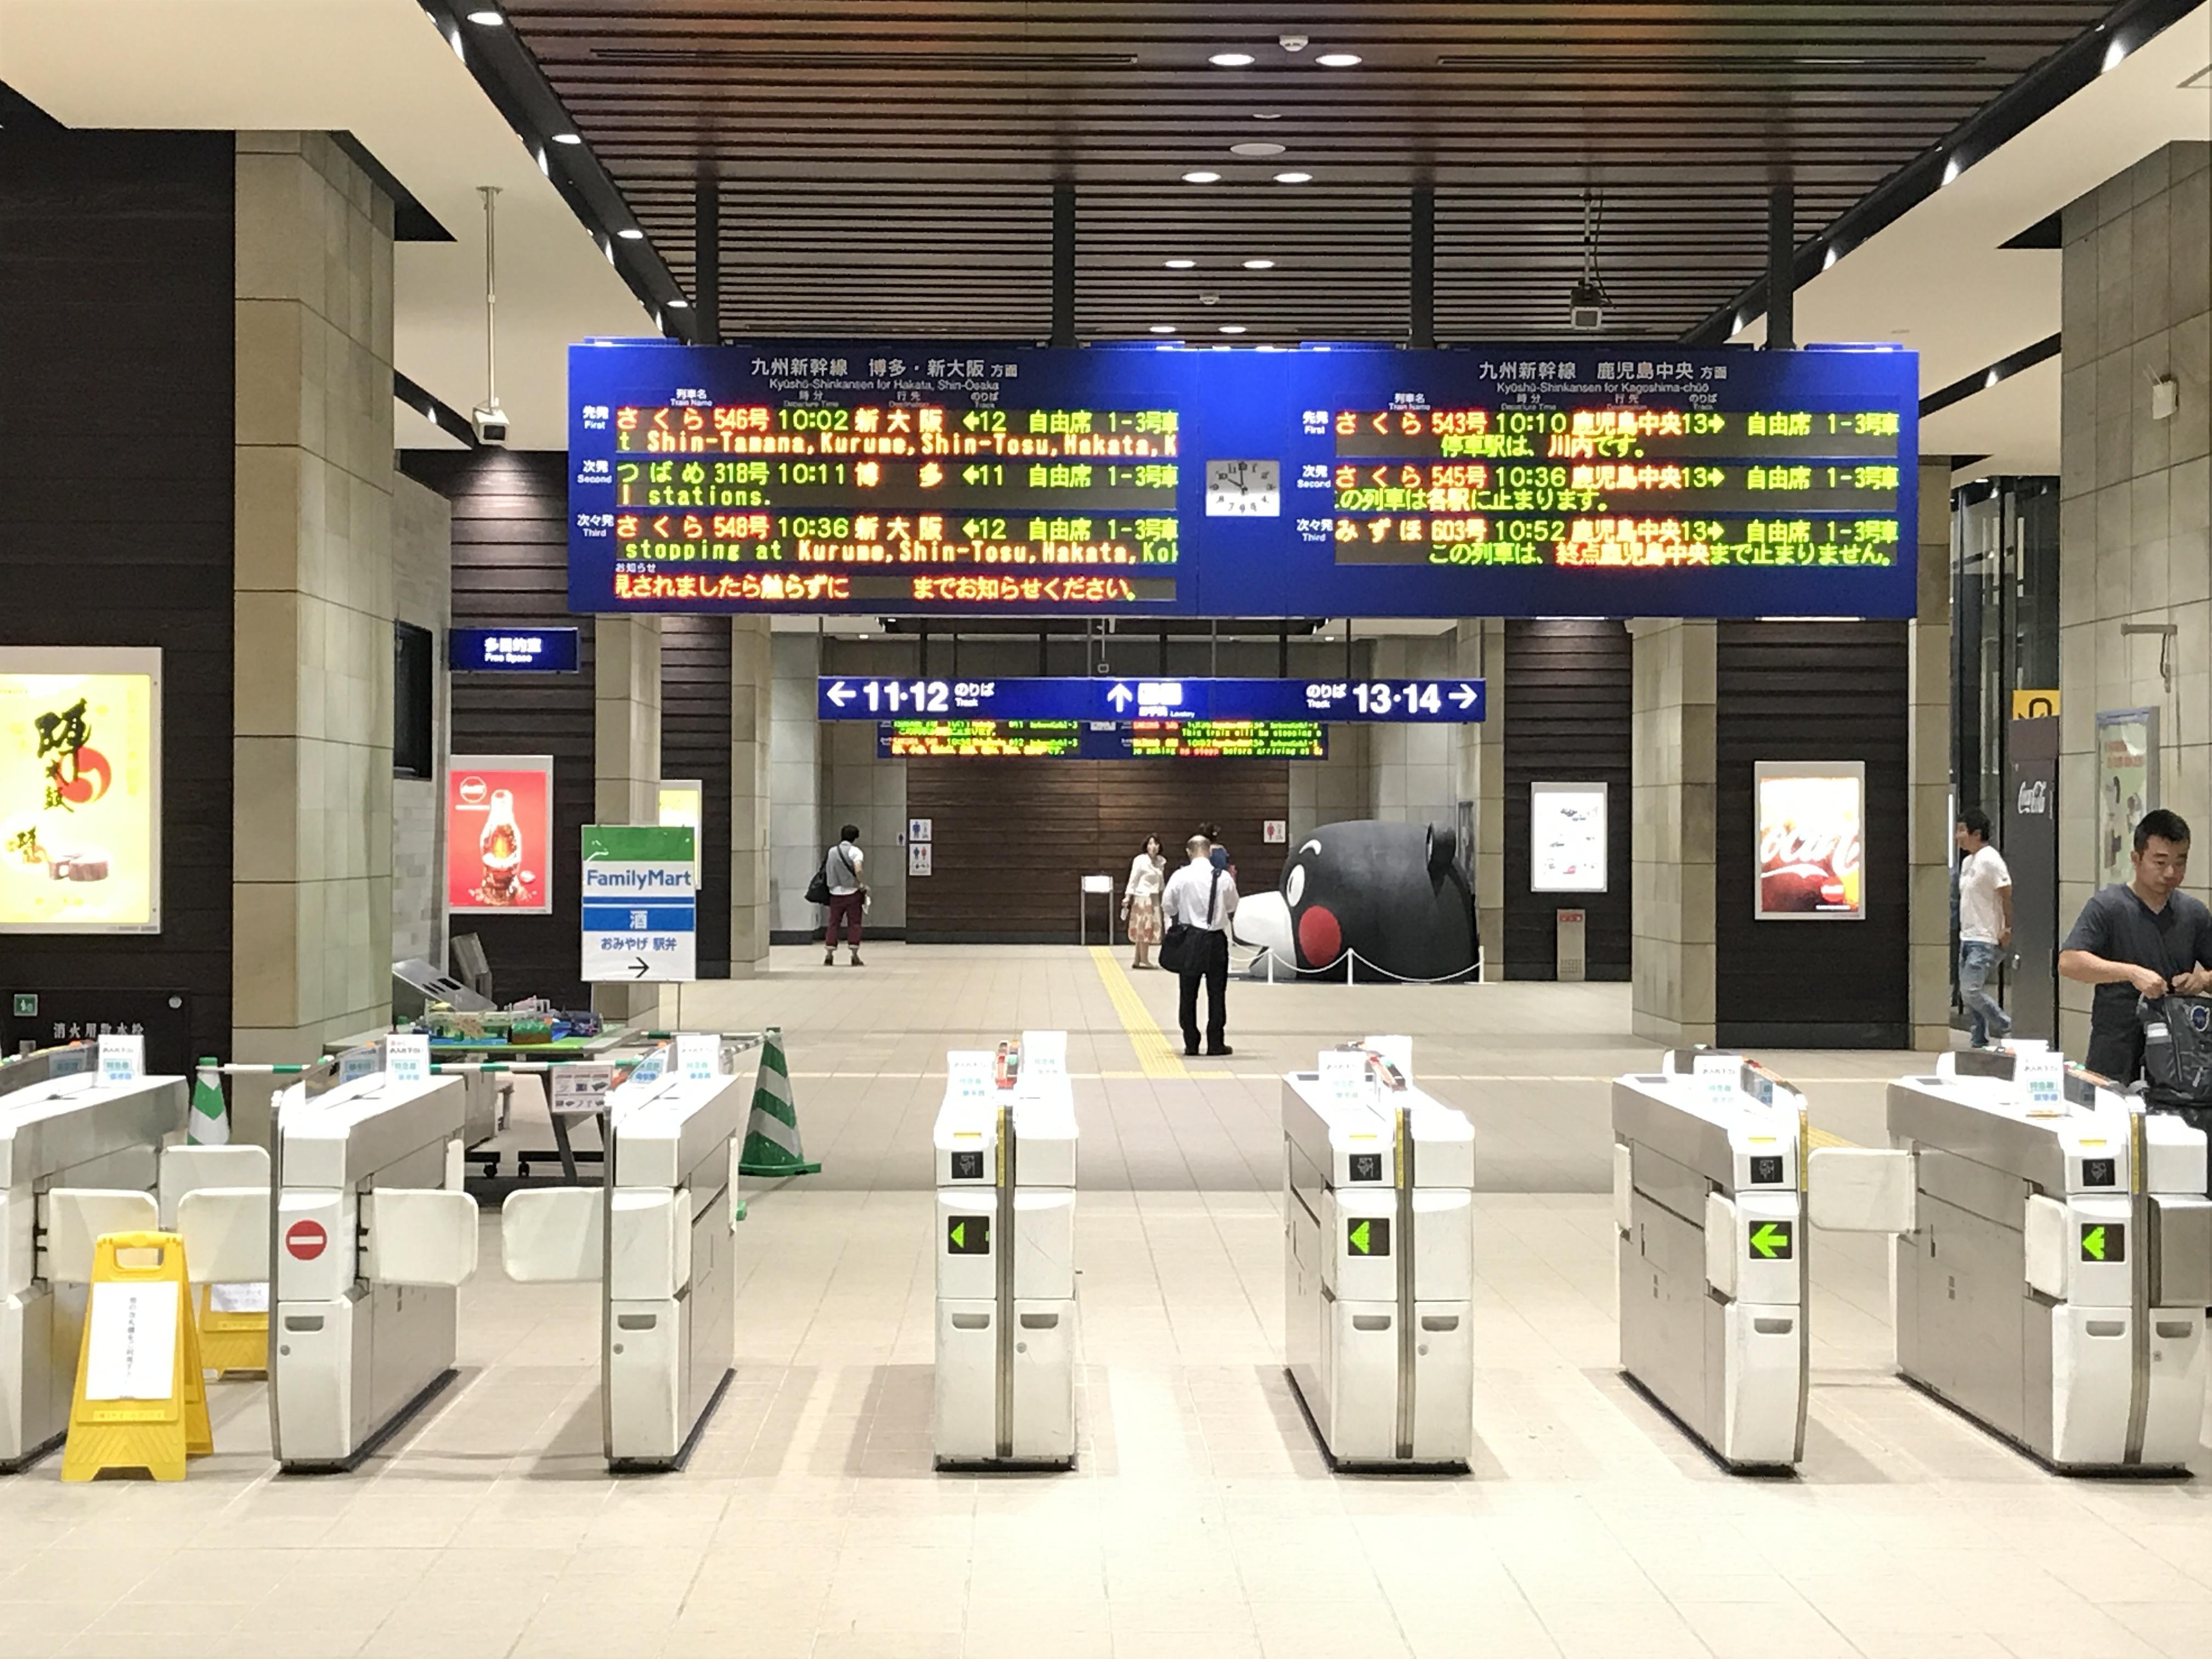 熊本駅新幹線改札